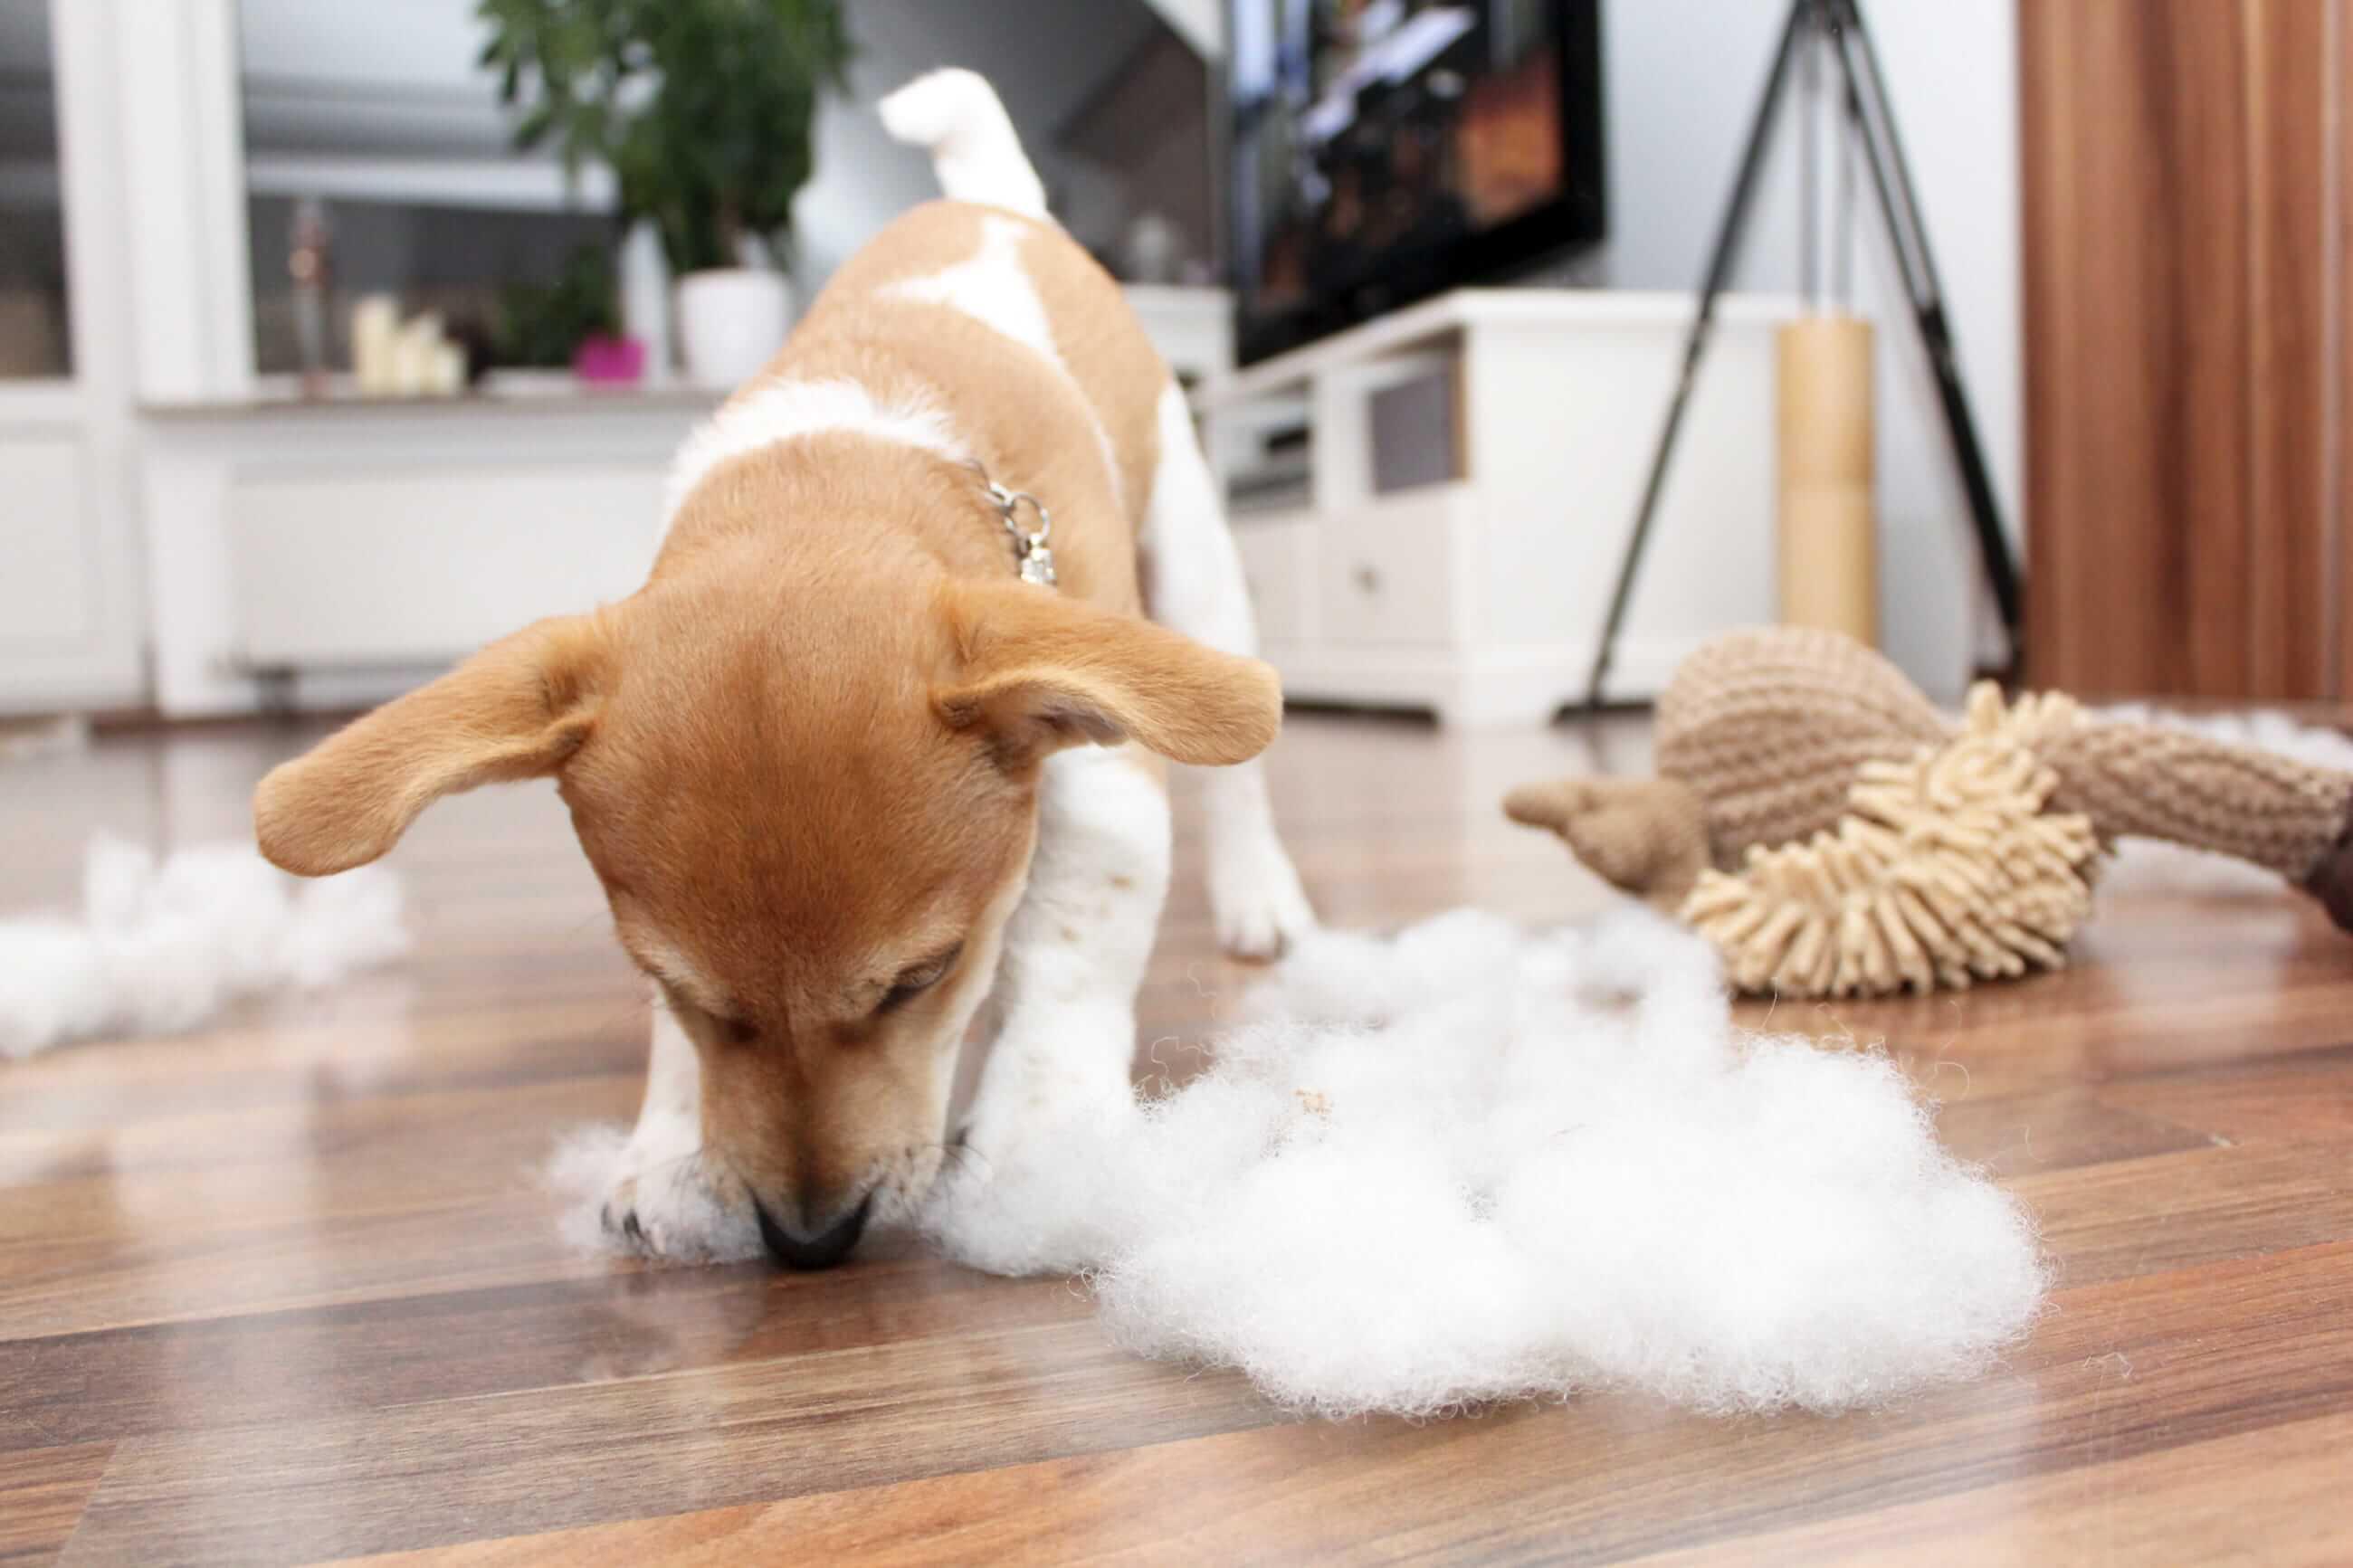 Hundesprache deuten Herumkauen auf Spielzeug Hundeverhalten deuten